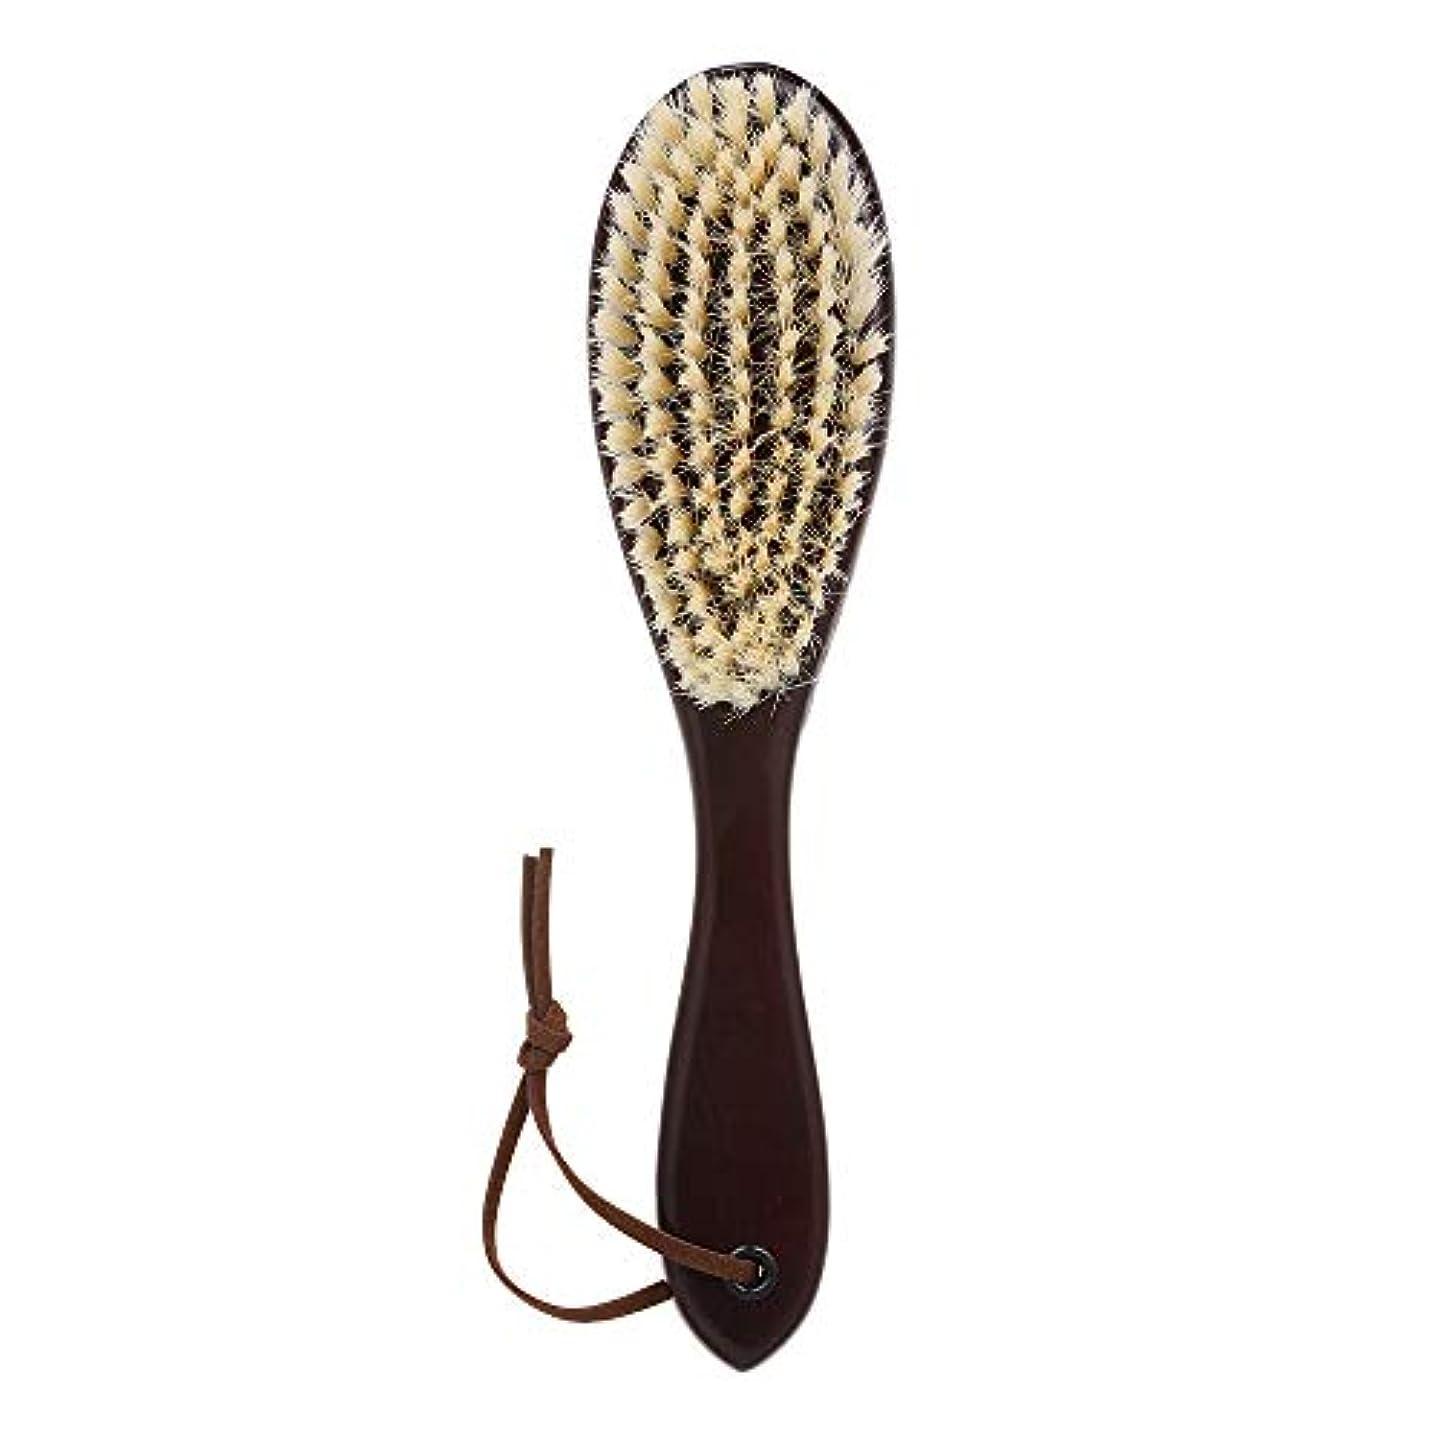 摩擦さびたミキサーDecdeal 木製 ひげブラシ シェービングツール メンズ用 髭剃り シェービングブラシ